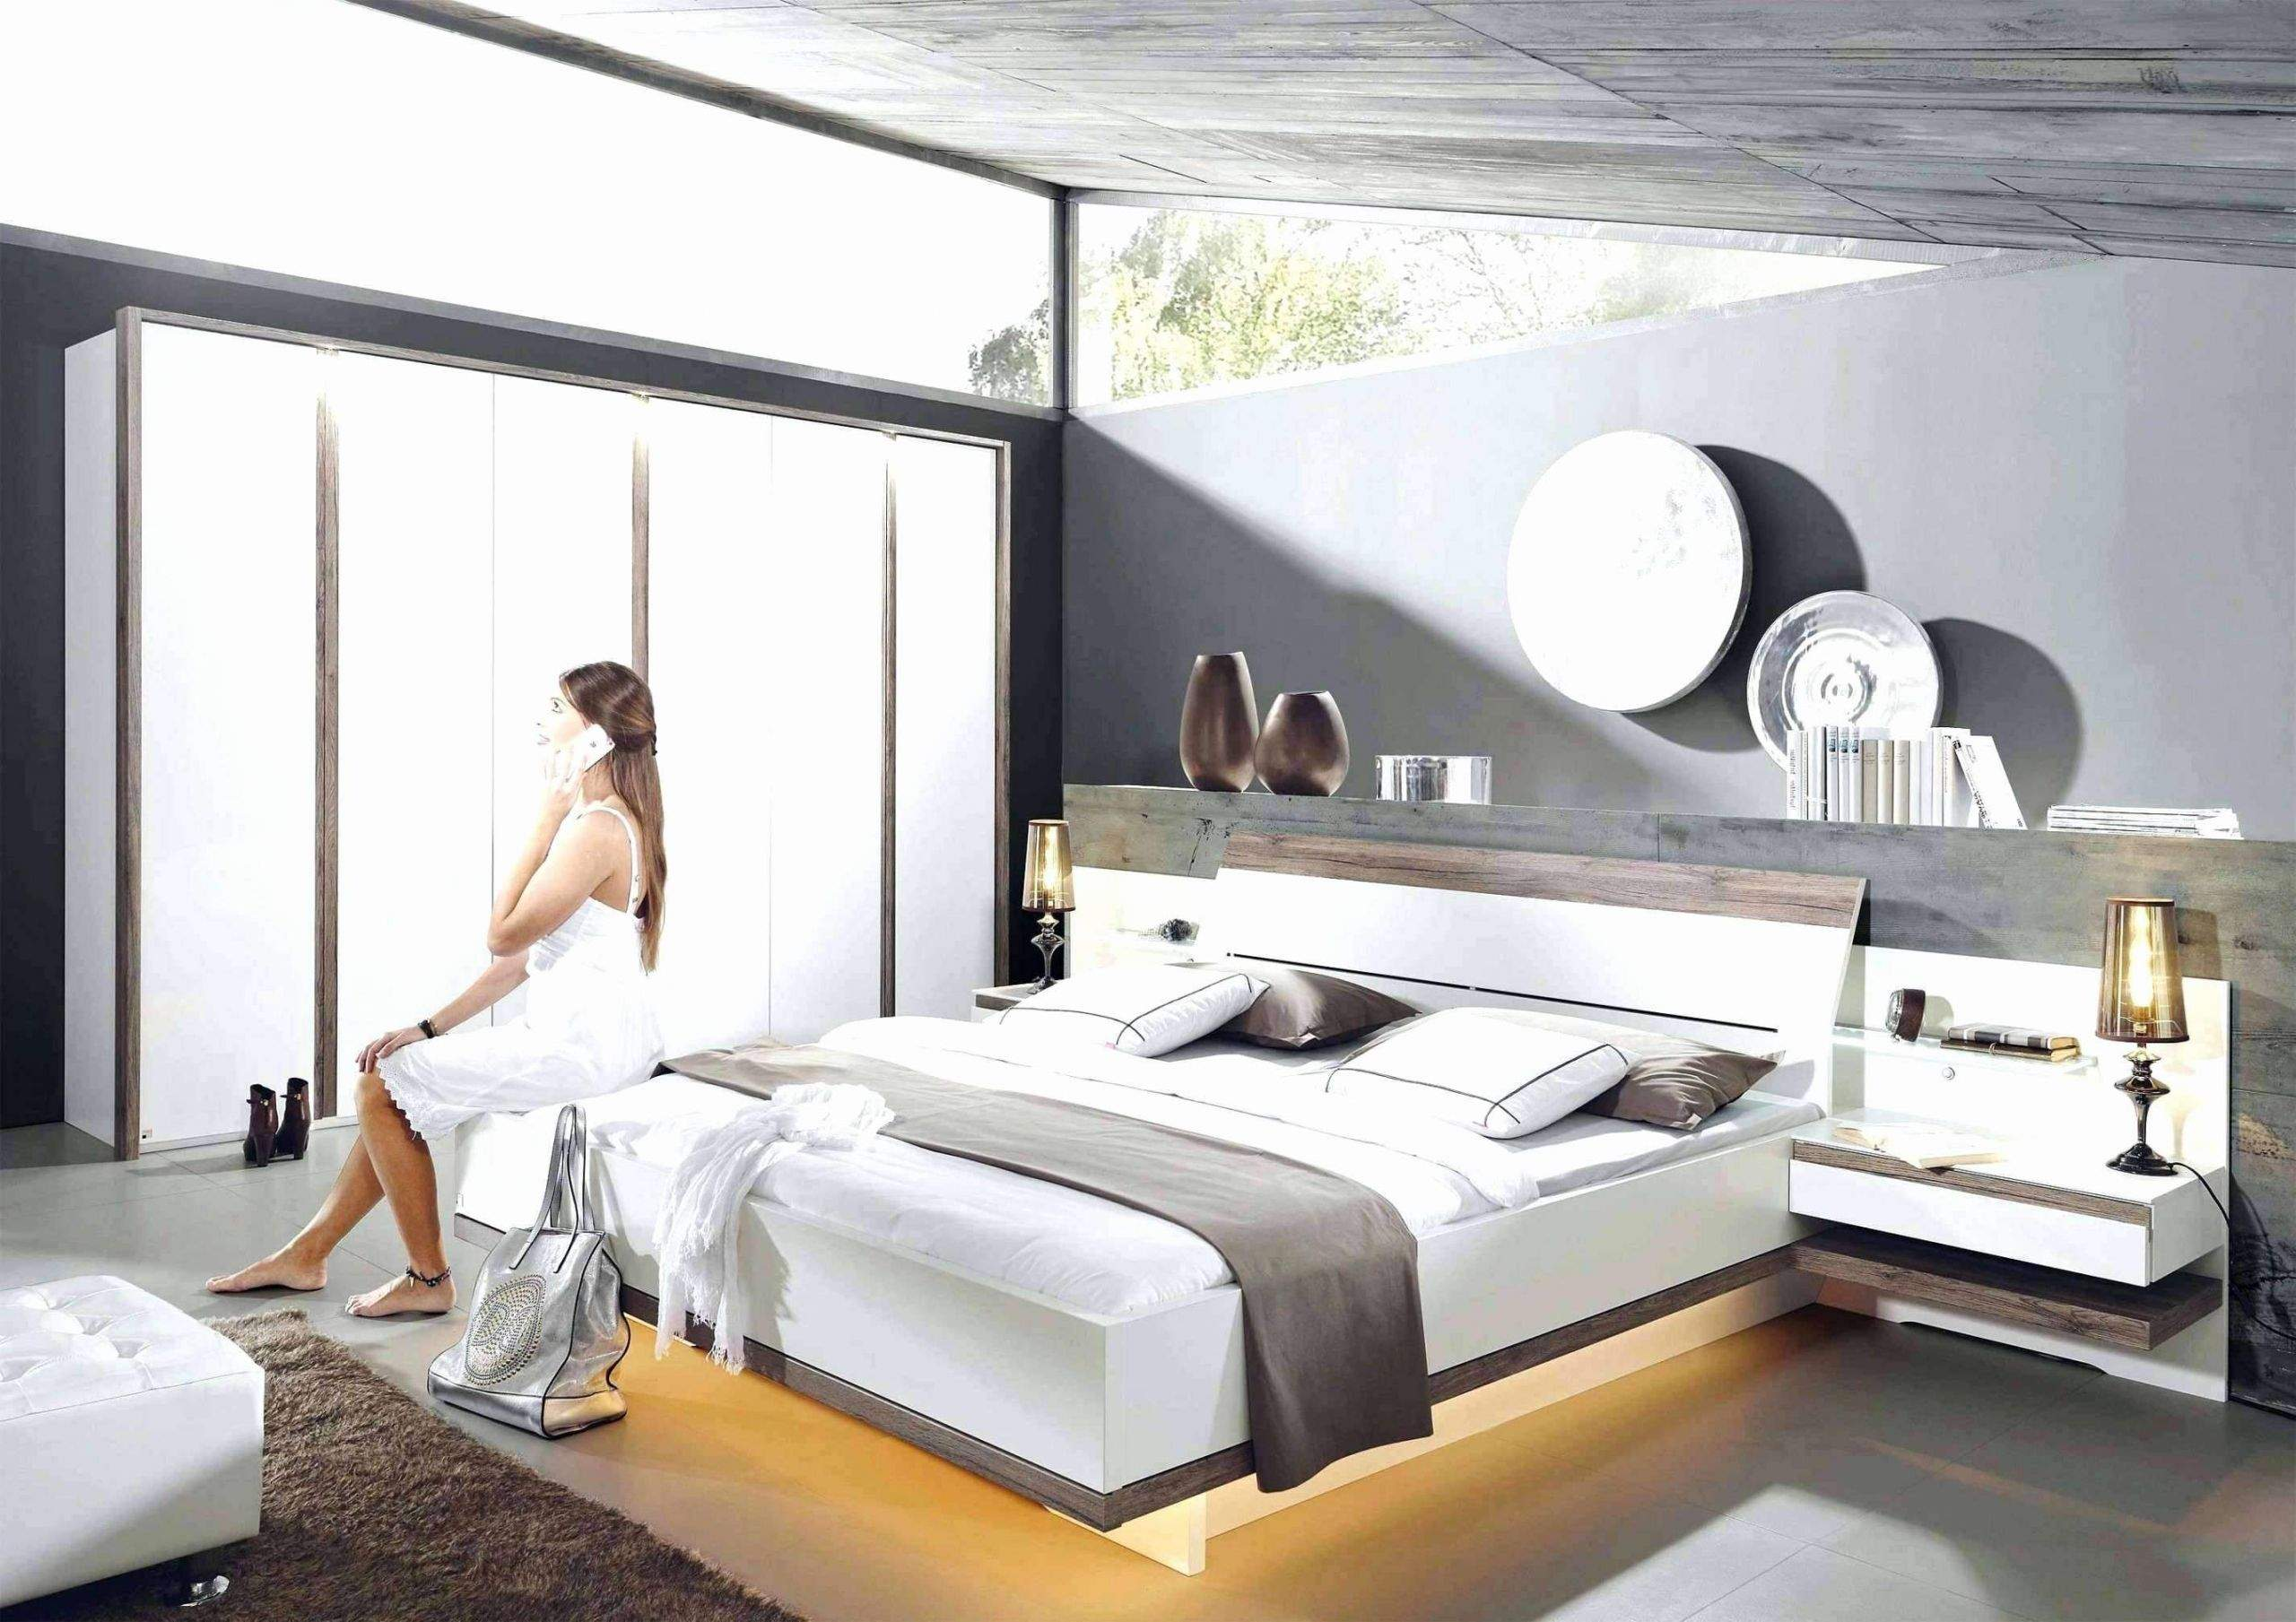 Full Size of Lounge Liege Garten Schön 40 Das Beste Von Liege Wohnzimmer Elegant Wohnzimmer Liege Wohnzimmer